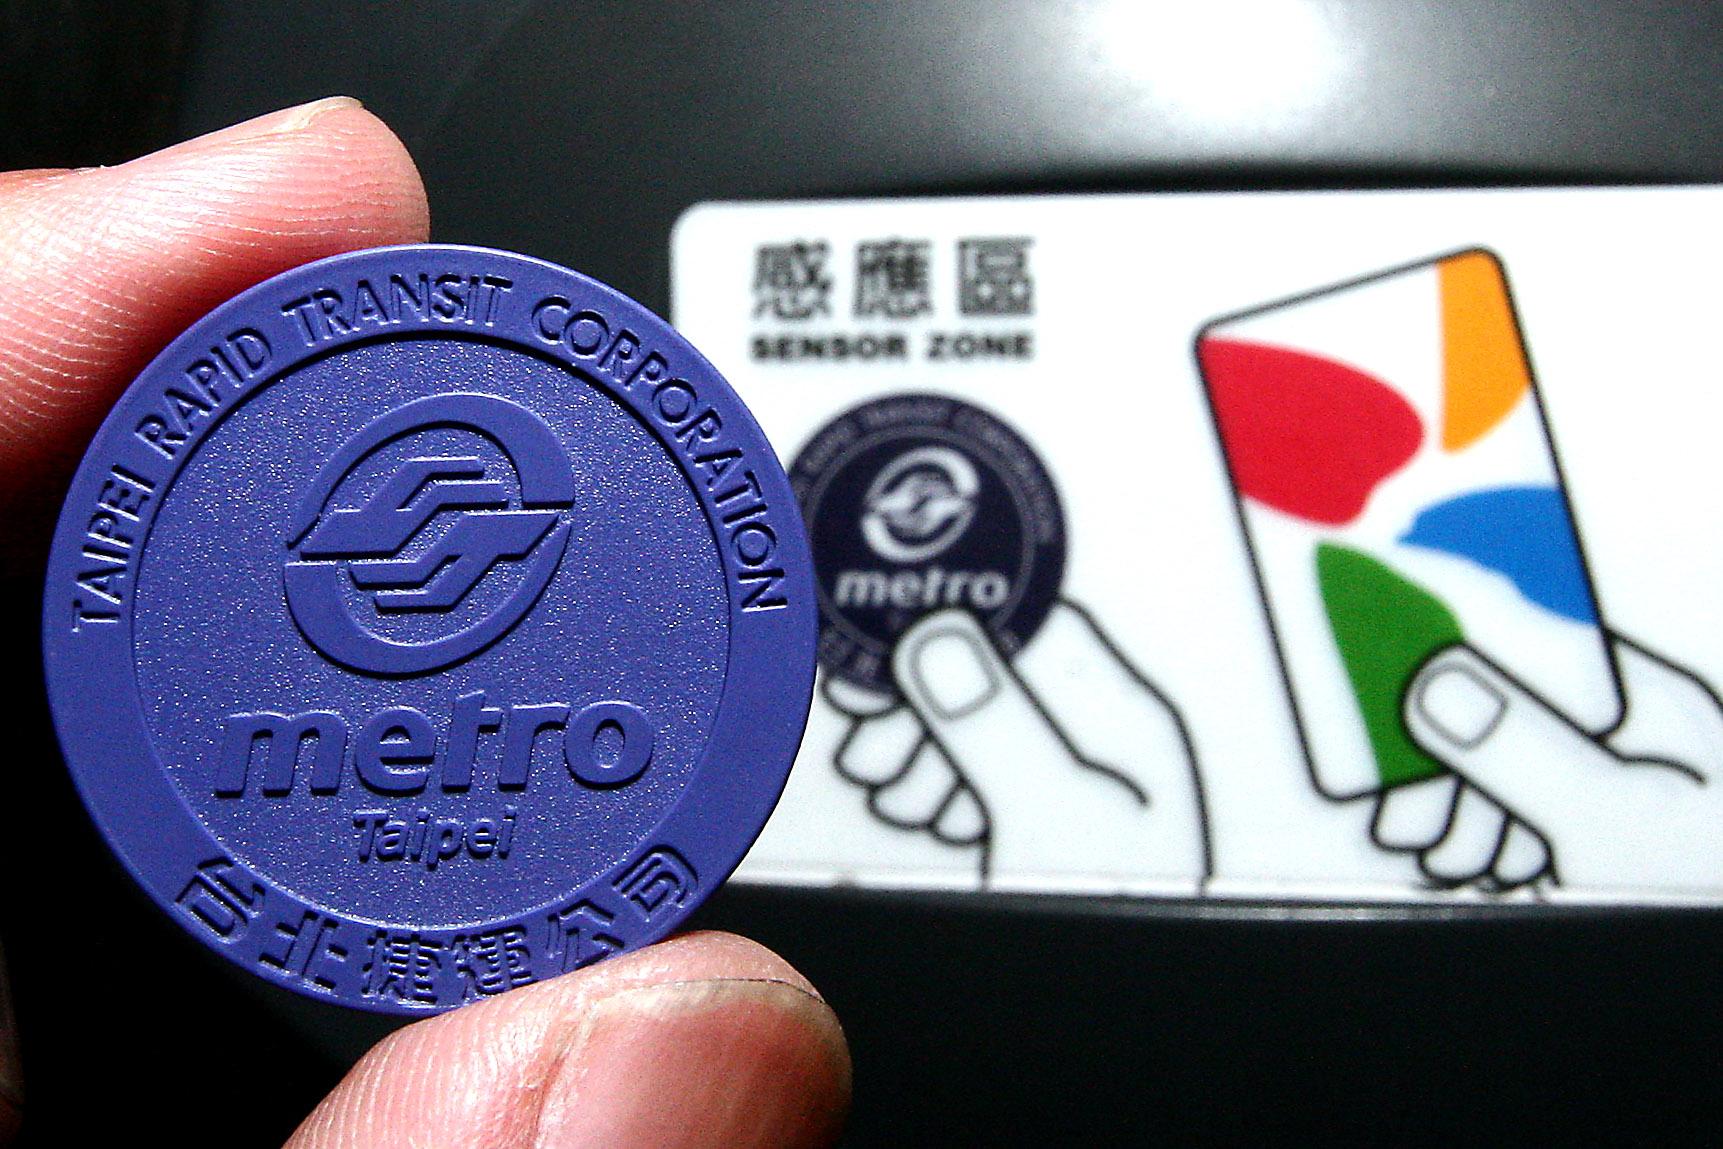 台北市捷運單程代幣於五月一日起正式於中正紀念堂,台北市政府,劍潭,以及古亭四站試用,八月起代幣將於所有站使用。